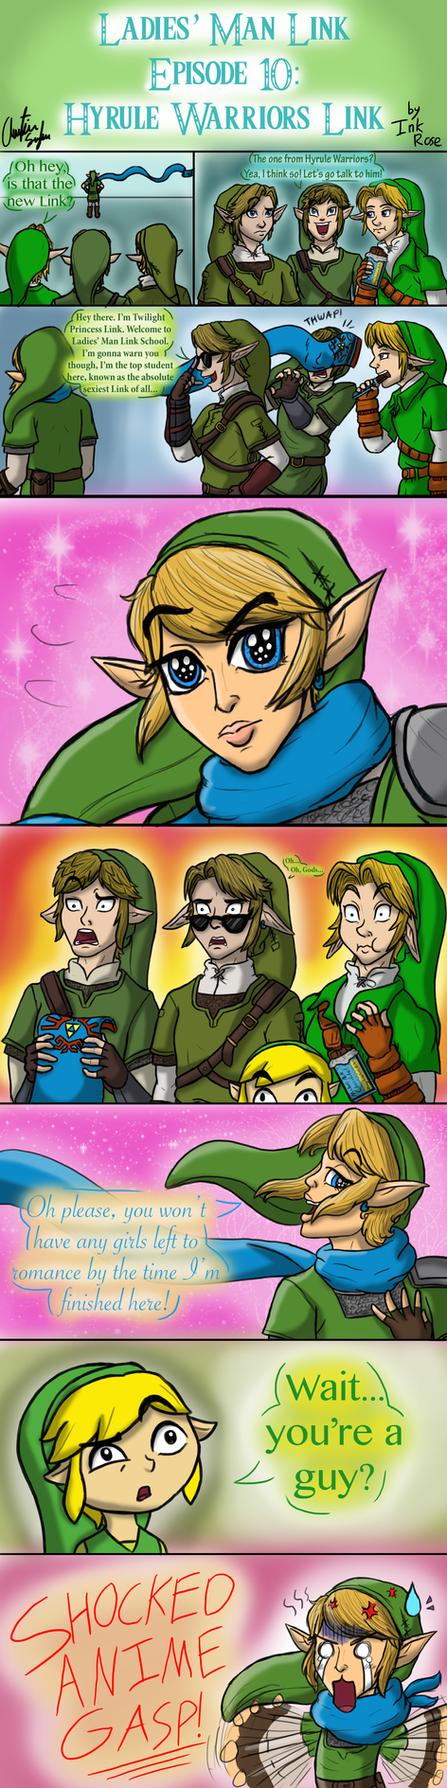 Ladies' Man Link Episode 10: Hyrule Warriors Link by ...